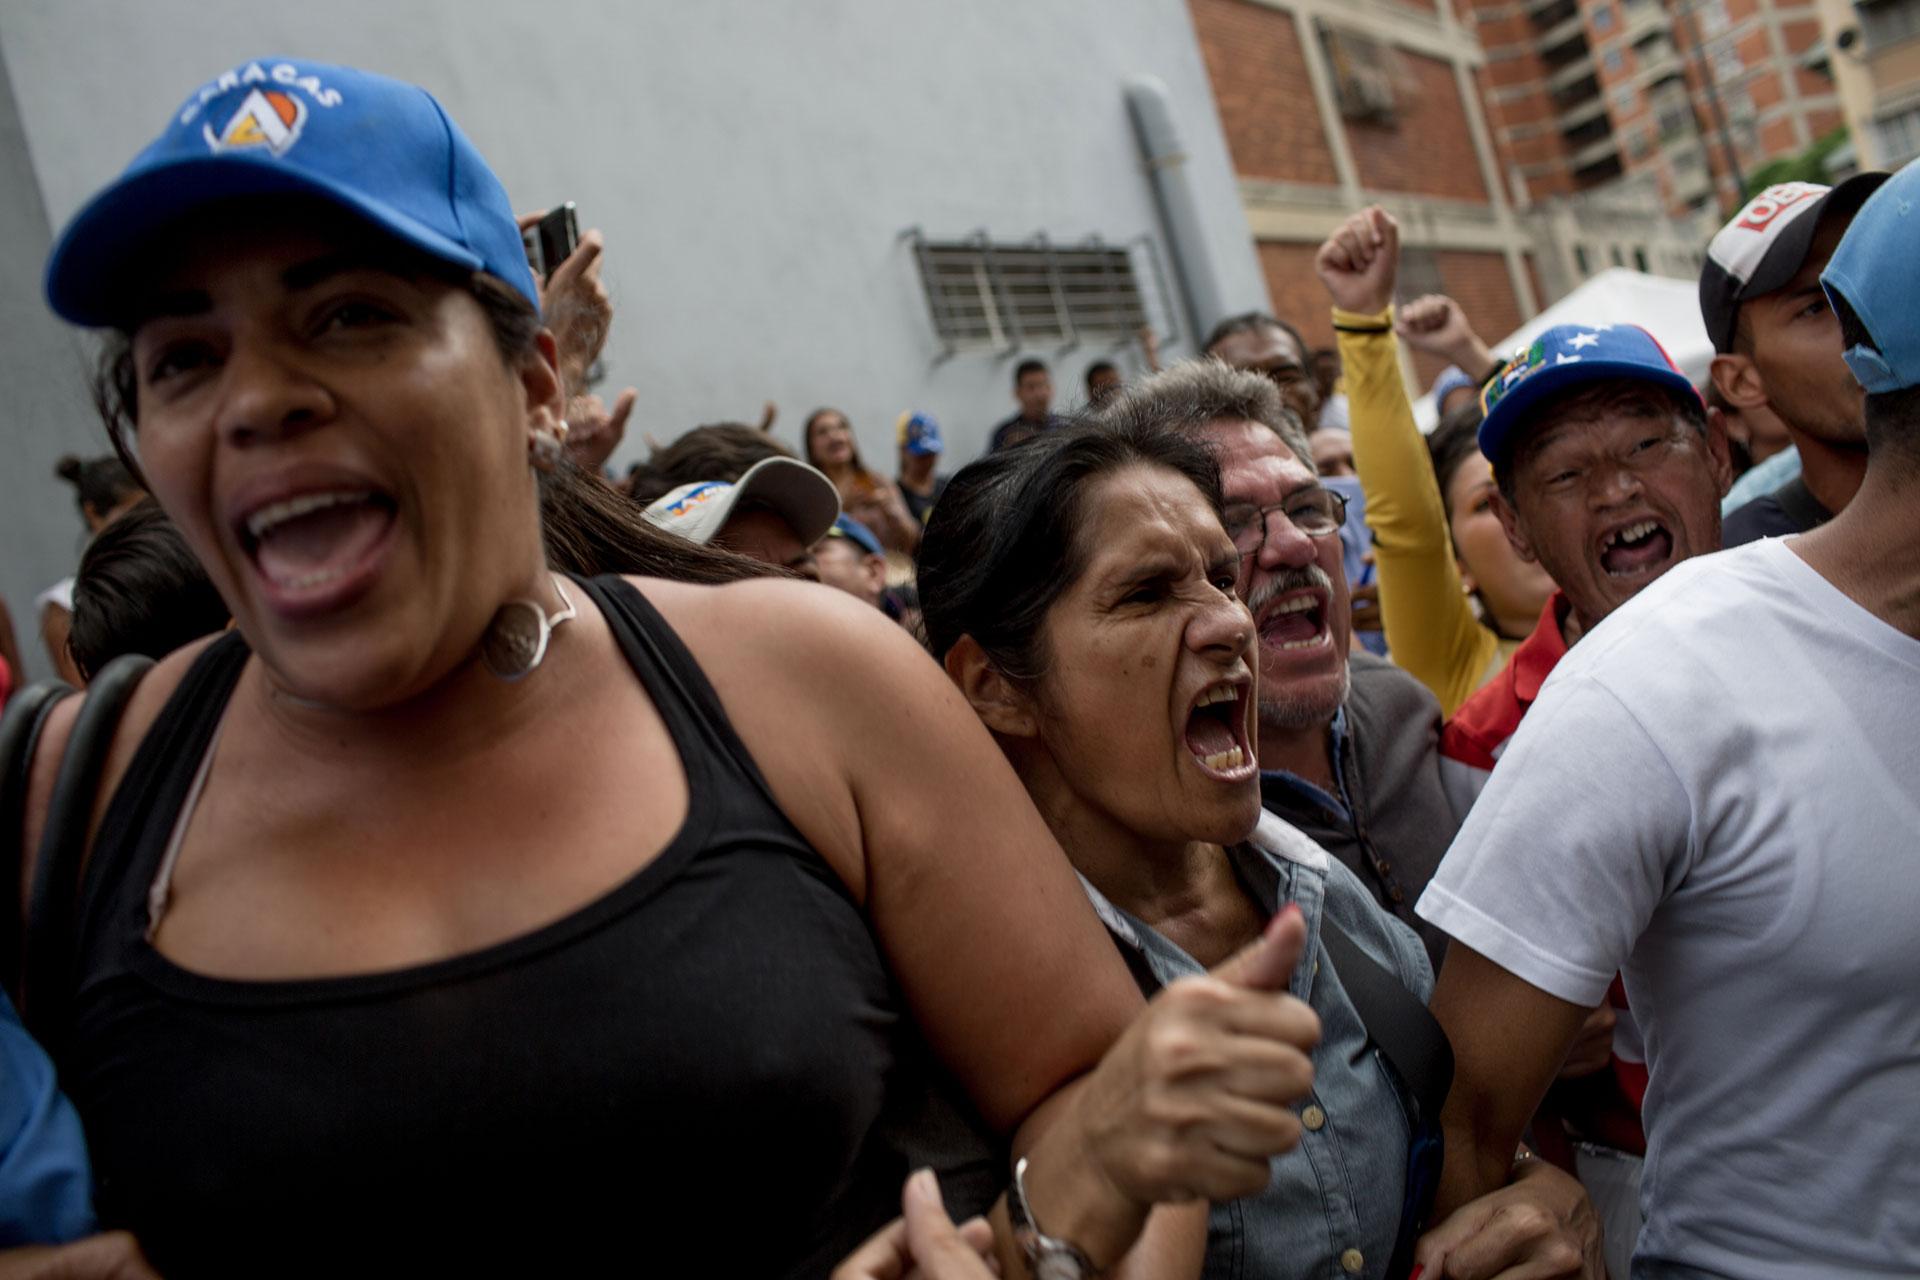 Dos jornadas de protestas en la ciudad de Tucupita conmocionaron Venezuela. Miles de personas exigieron respuestas ante la escasez de alimentos (washington post)